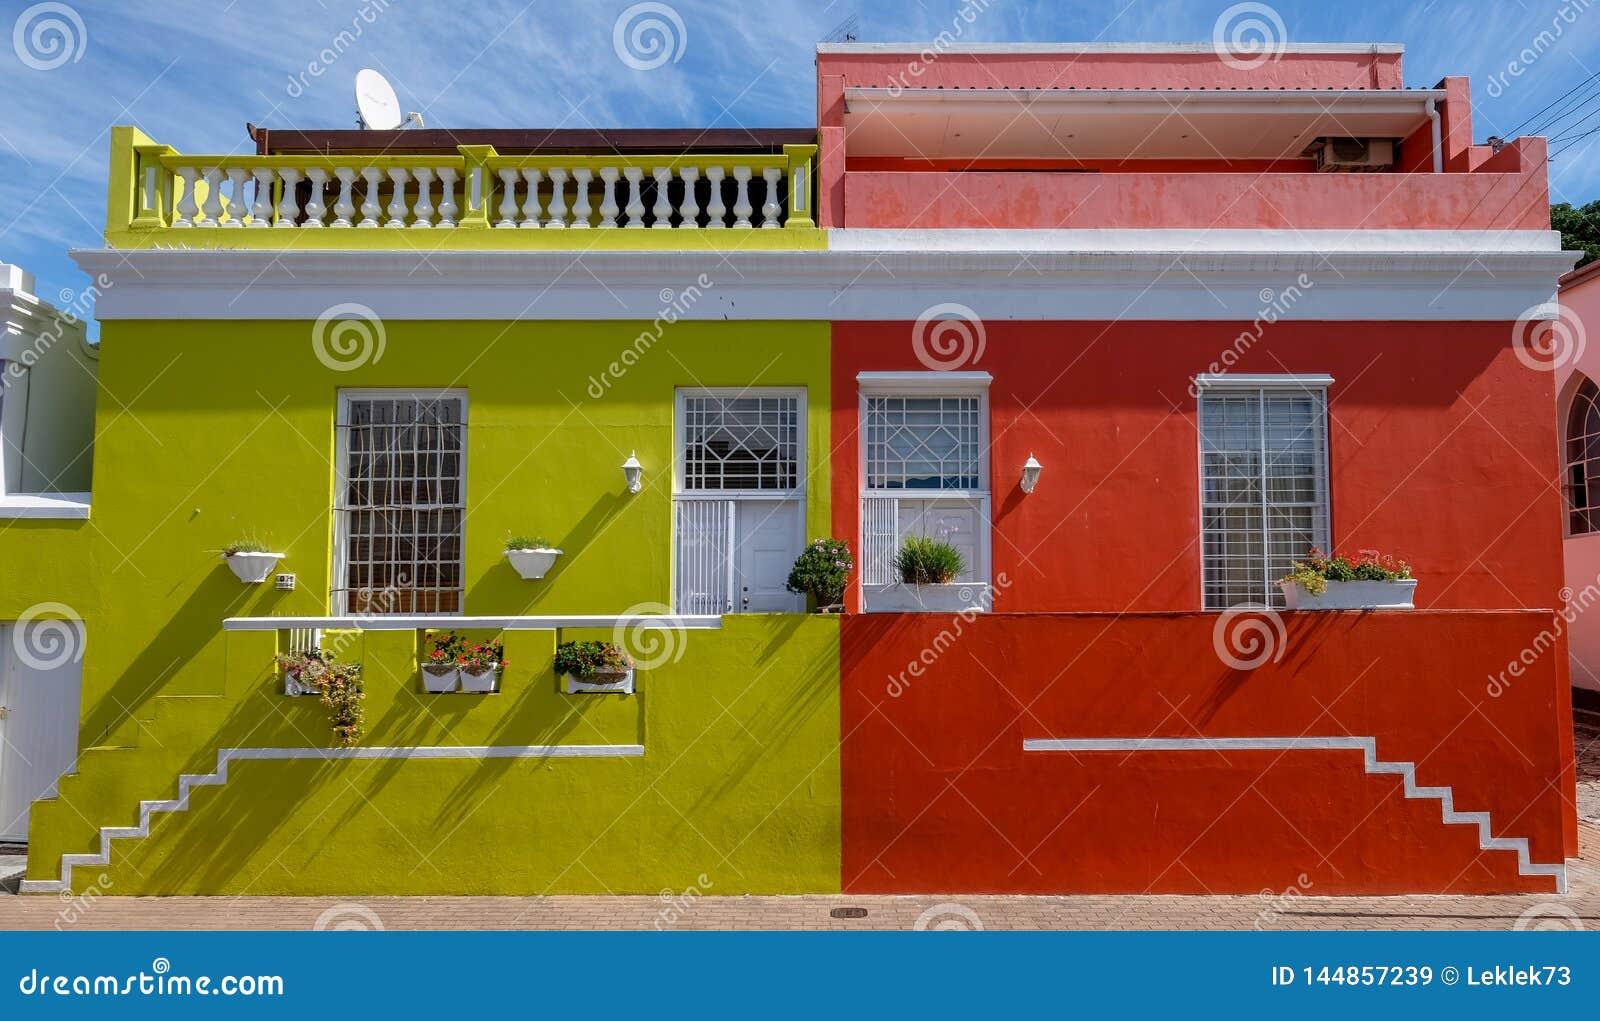 Foto detalhada das casas no quarto malaio, BO-Kaap, Cape Town, África do Sul, área histórica de casas brilhantemente pintadas